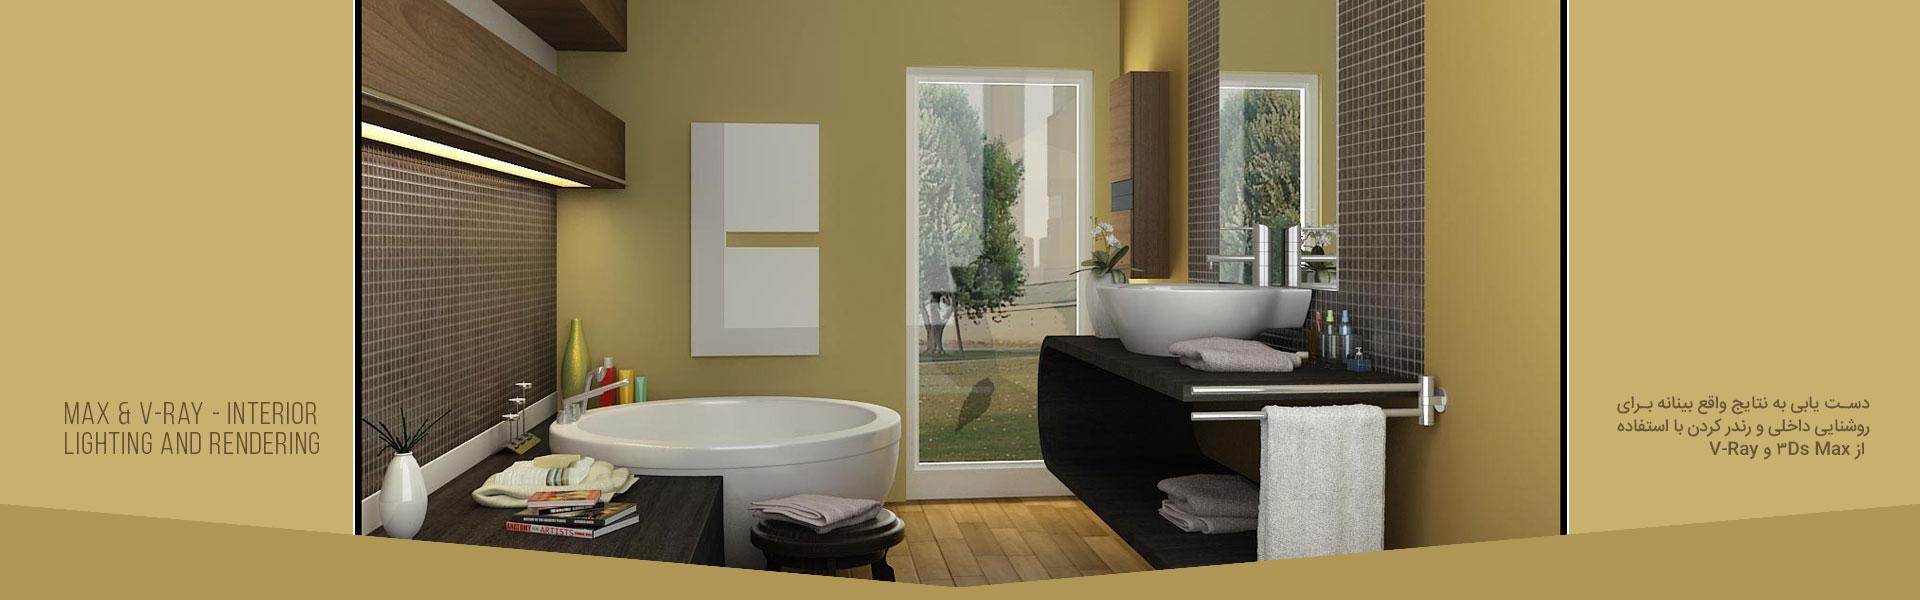 3dmax interior lighting rendering - دست یابی به نتایج واقع بینانه برای روشنایی داخلی و رندر کردن با استفاده از 3Ds Max و V-Ray